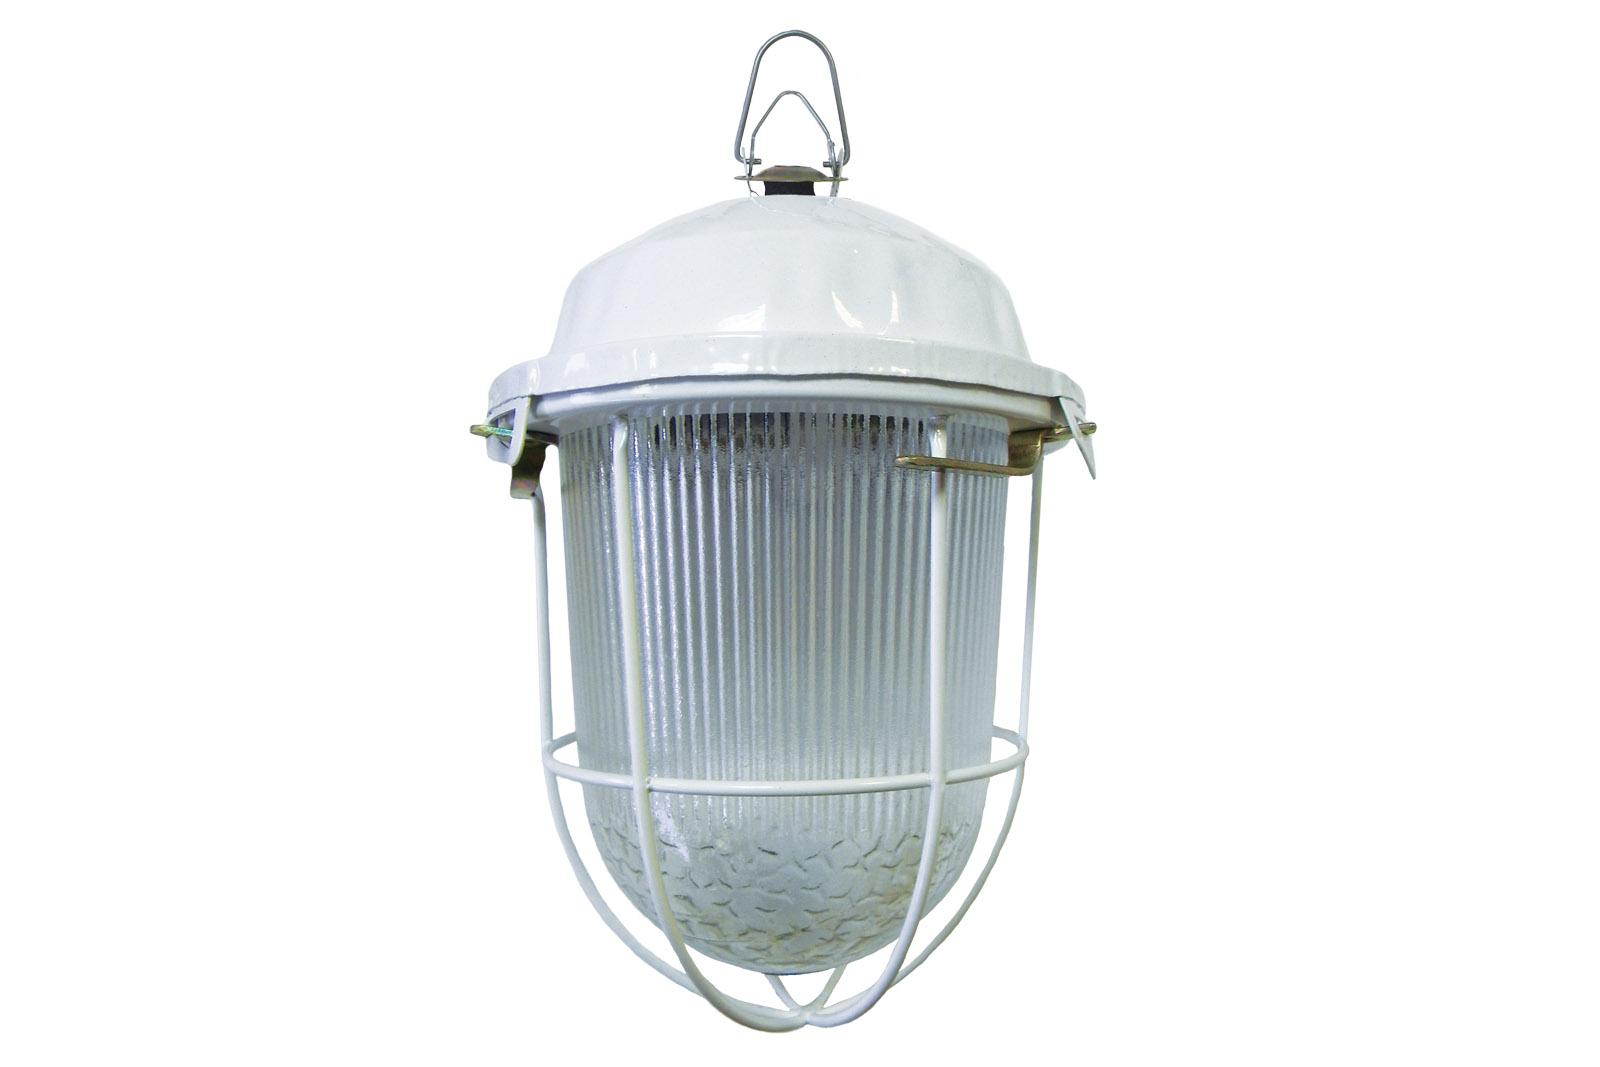 Светильник Tdm Sq0329-0066 светильник tdm sq0329 0066